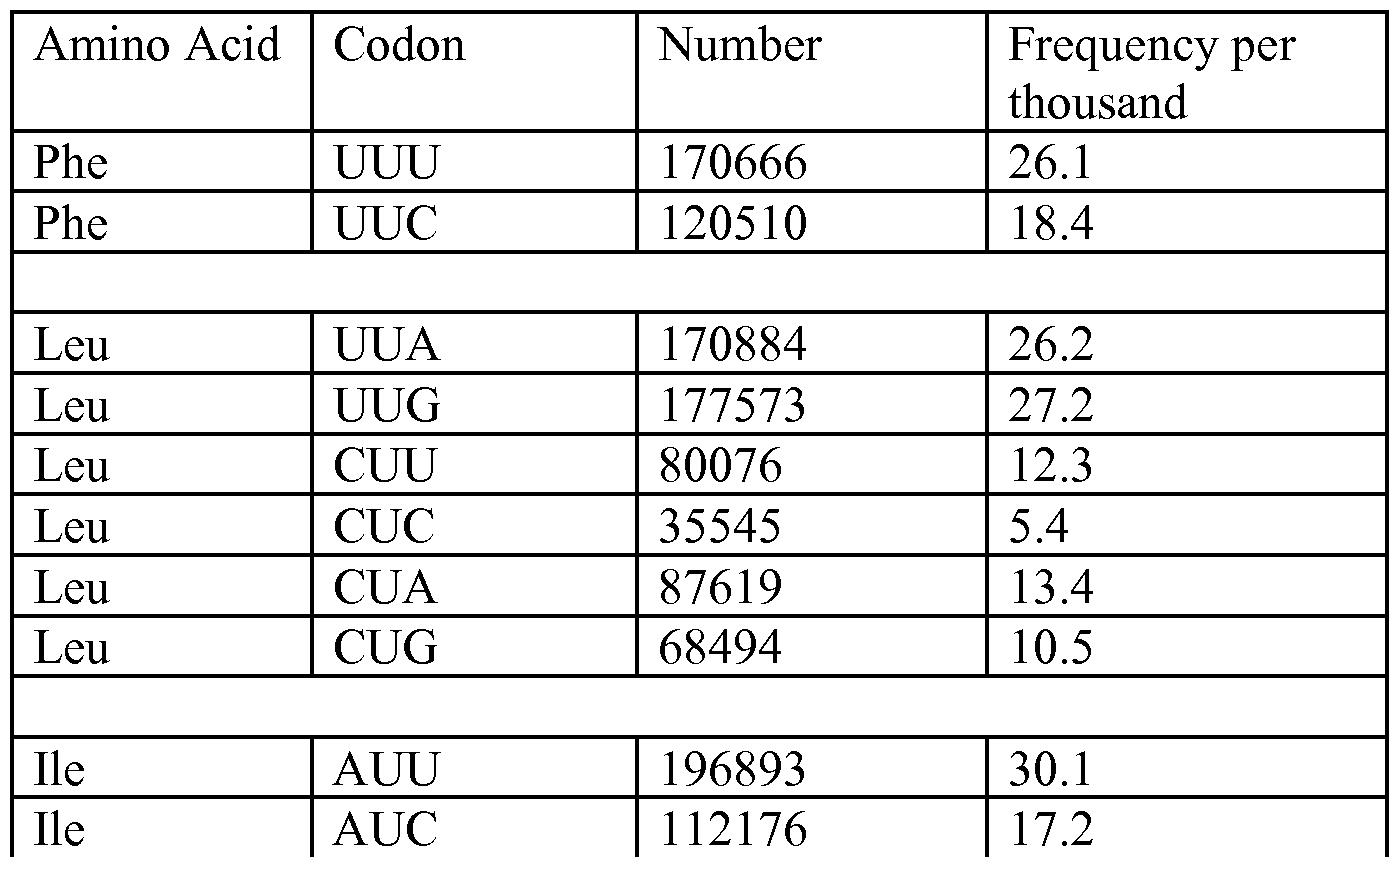 E Coli Codon Usage Table